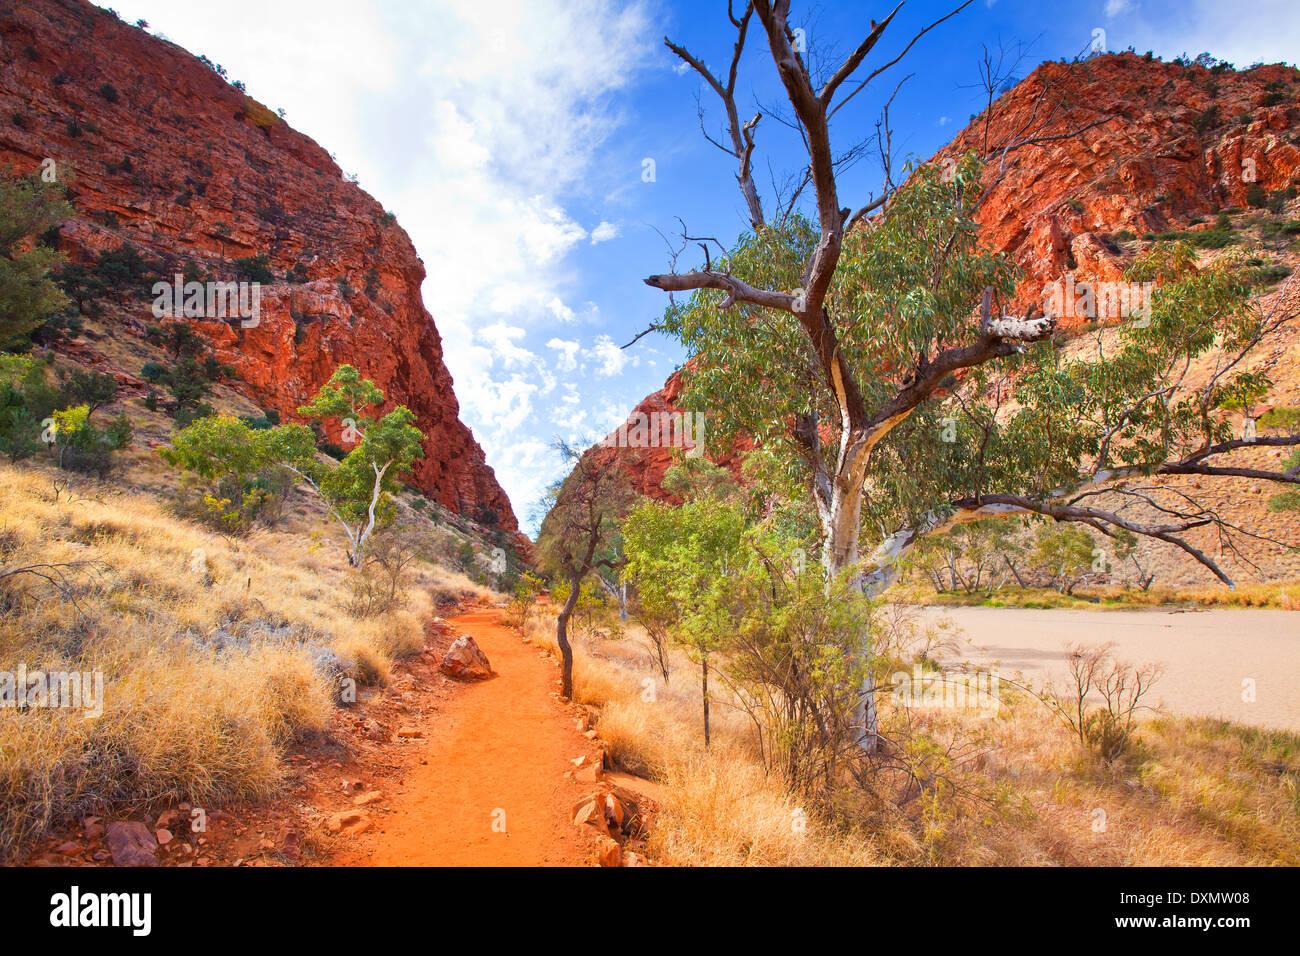 Brecha de Simpson MacDonnell oeste del Territorio del Norte de Australia Central Imagen De Stock